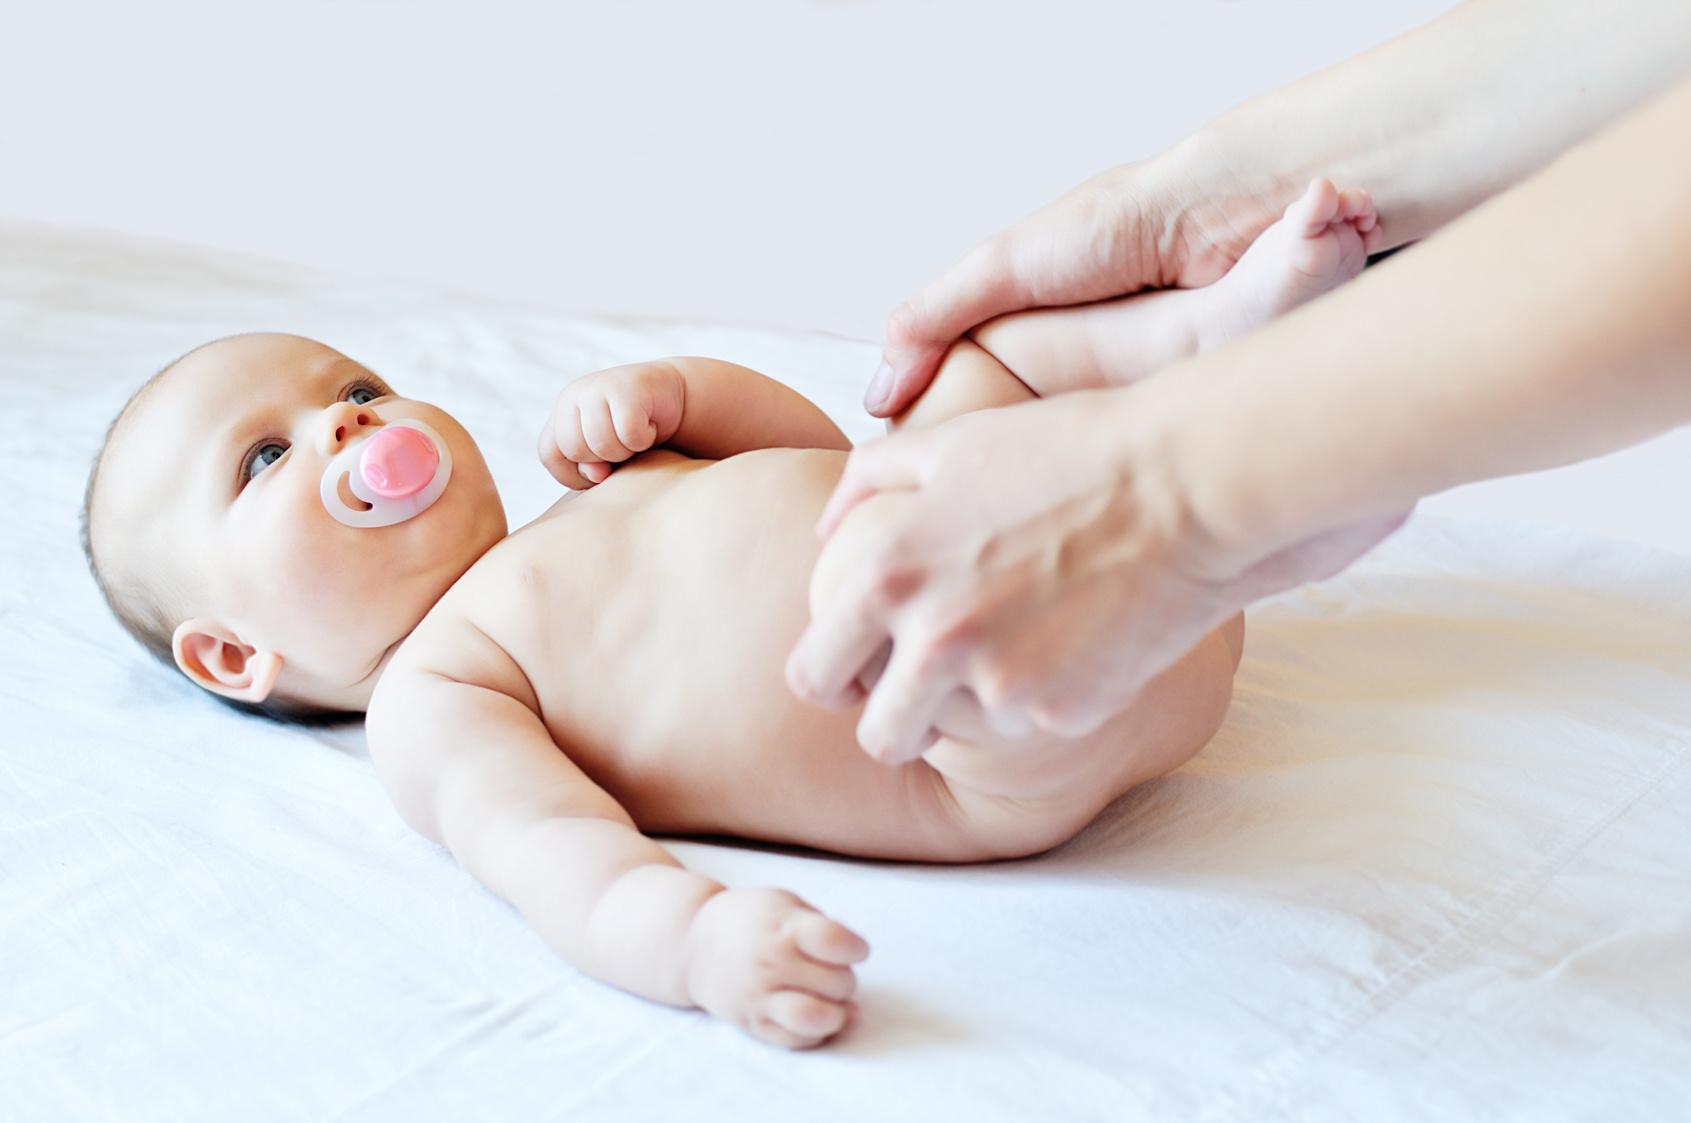 Adulto ajeita pernas de bebê com DDQ displasia de desenvolvimento do quadril